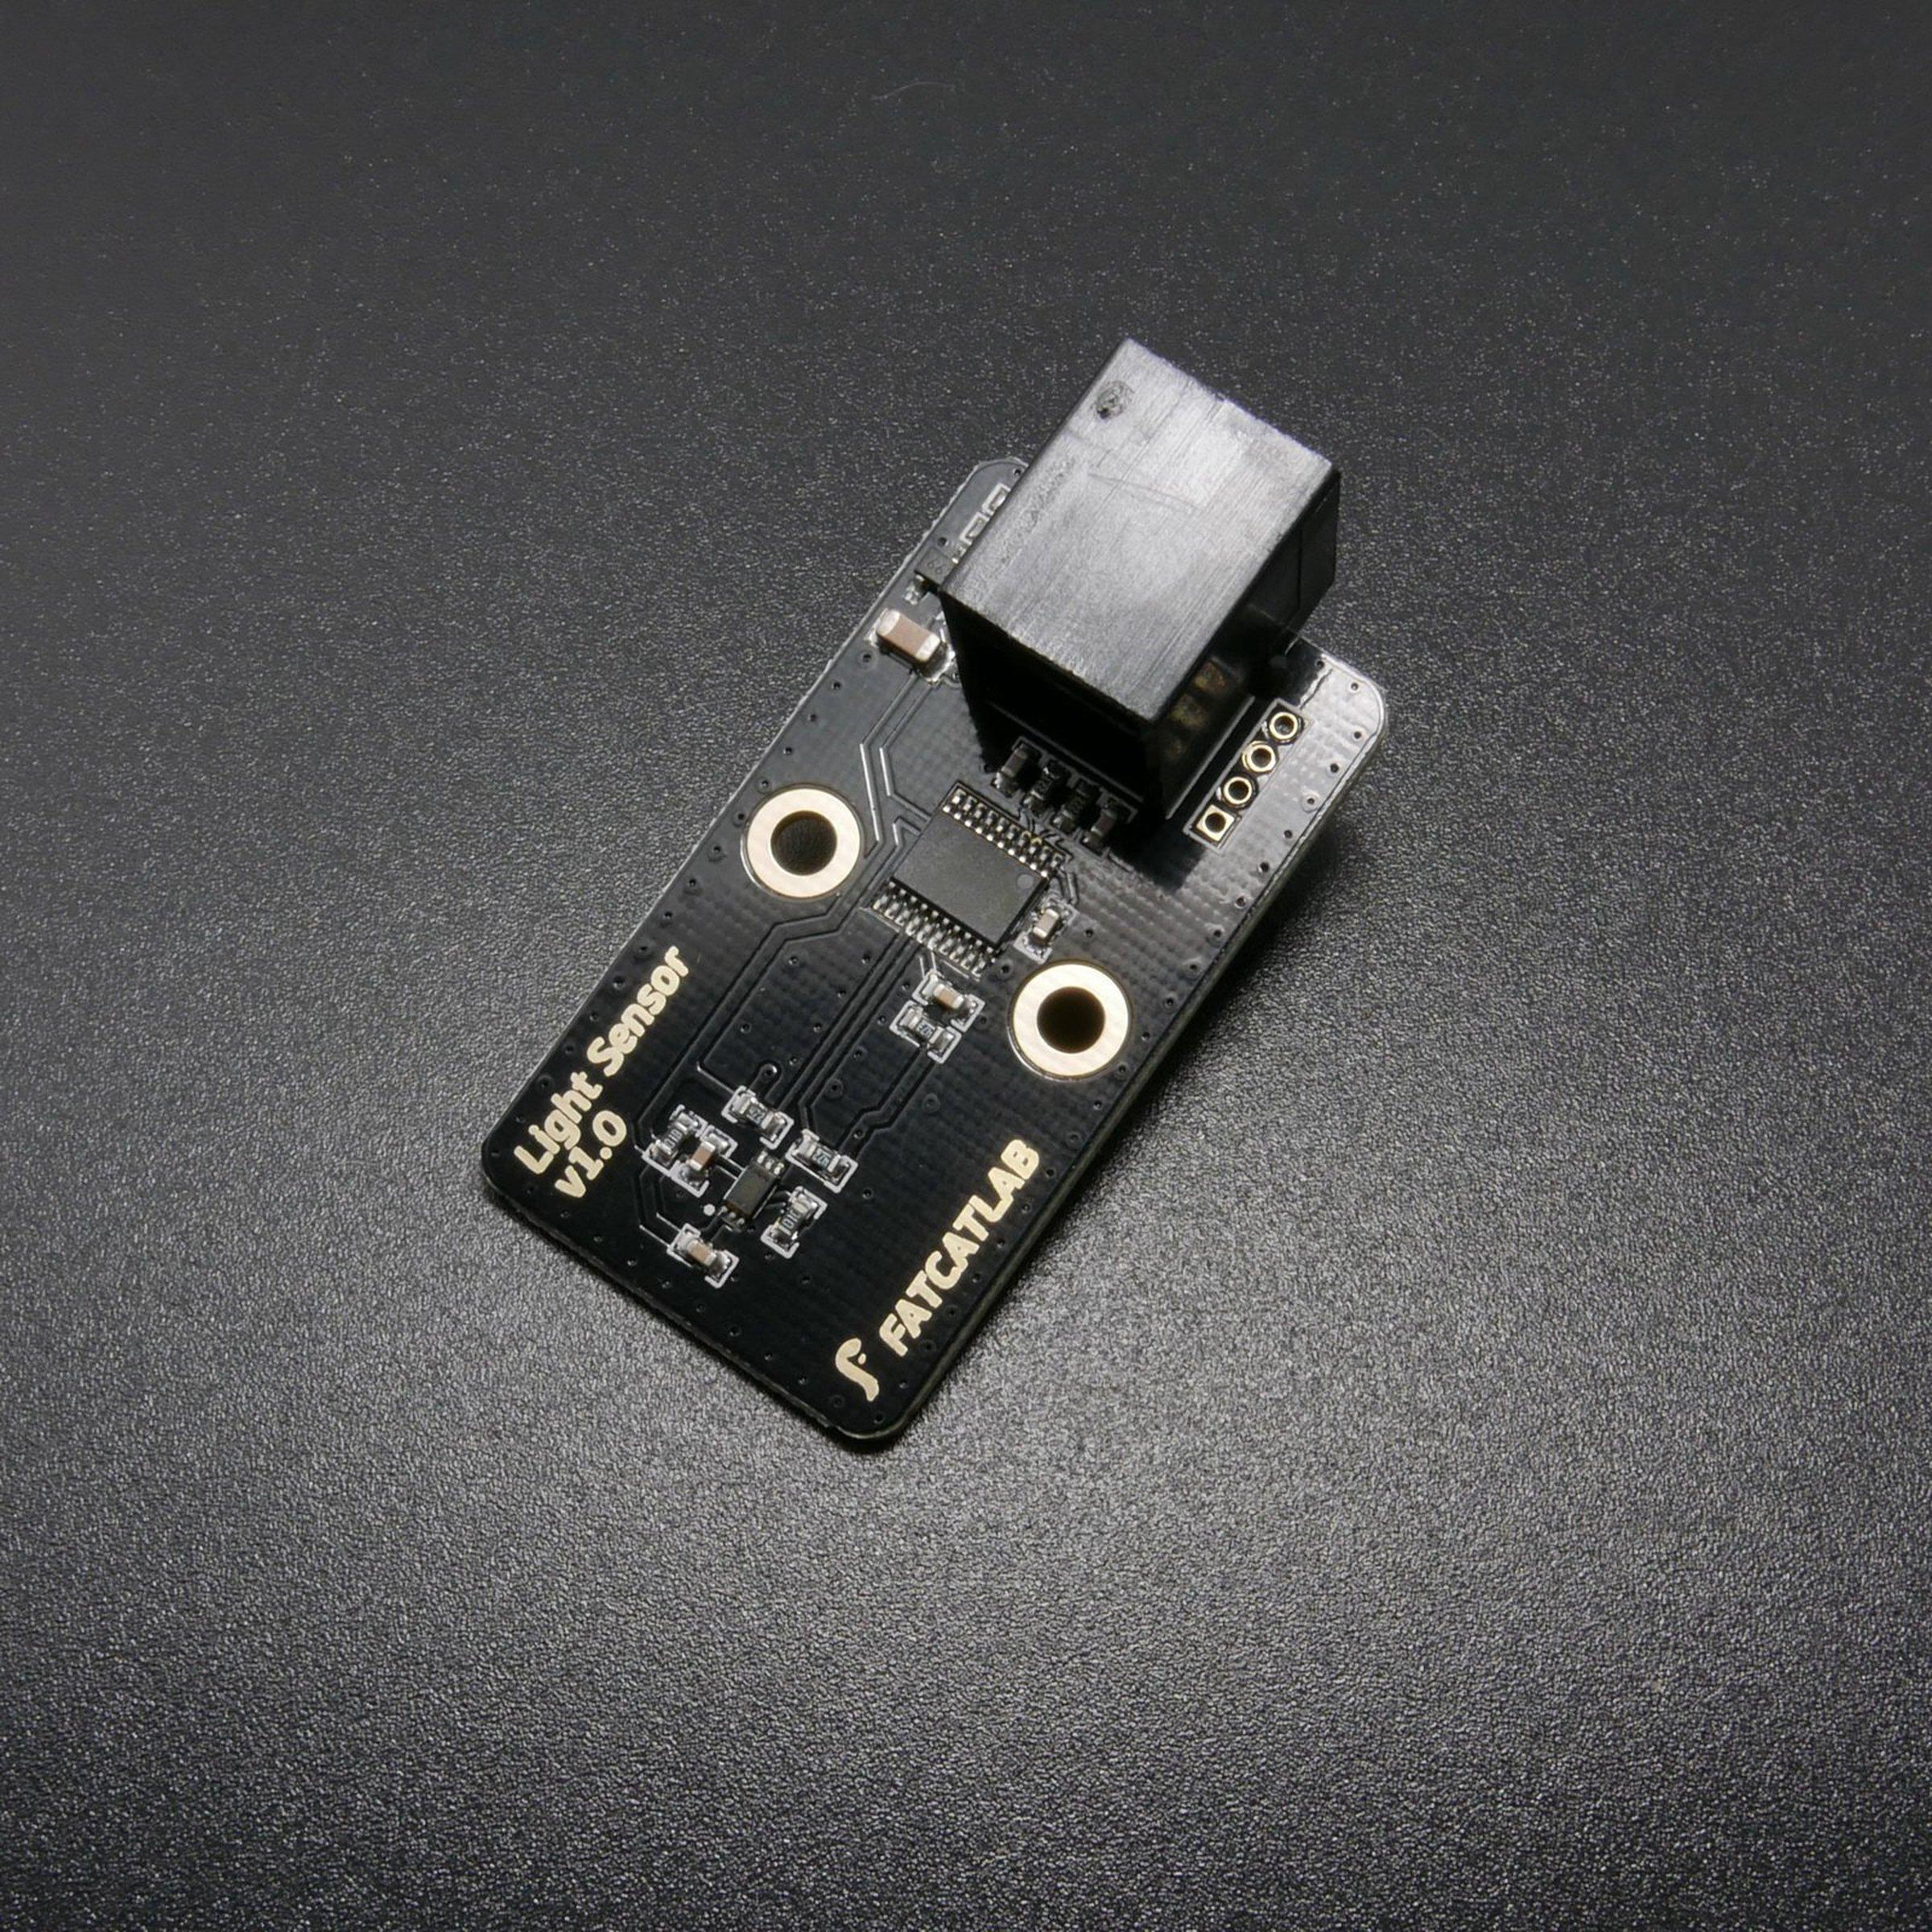 Sensor Kit for EVB (LEGO Mindstorms EV3) from aliveghost on Tindie